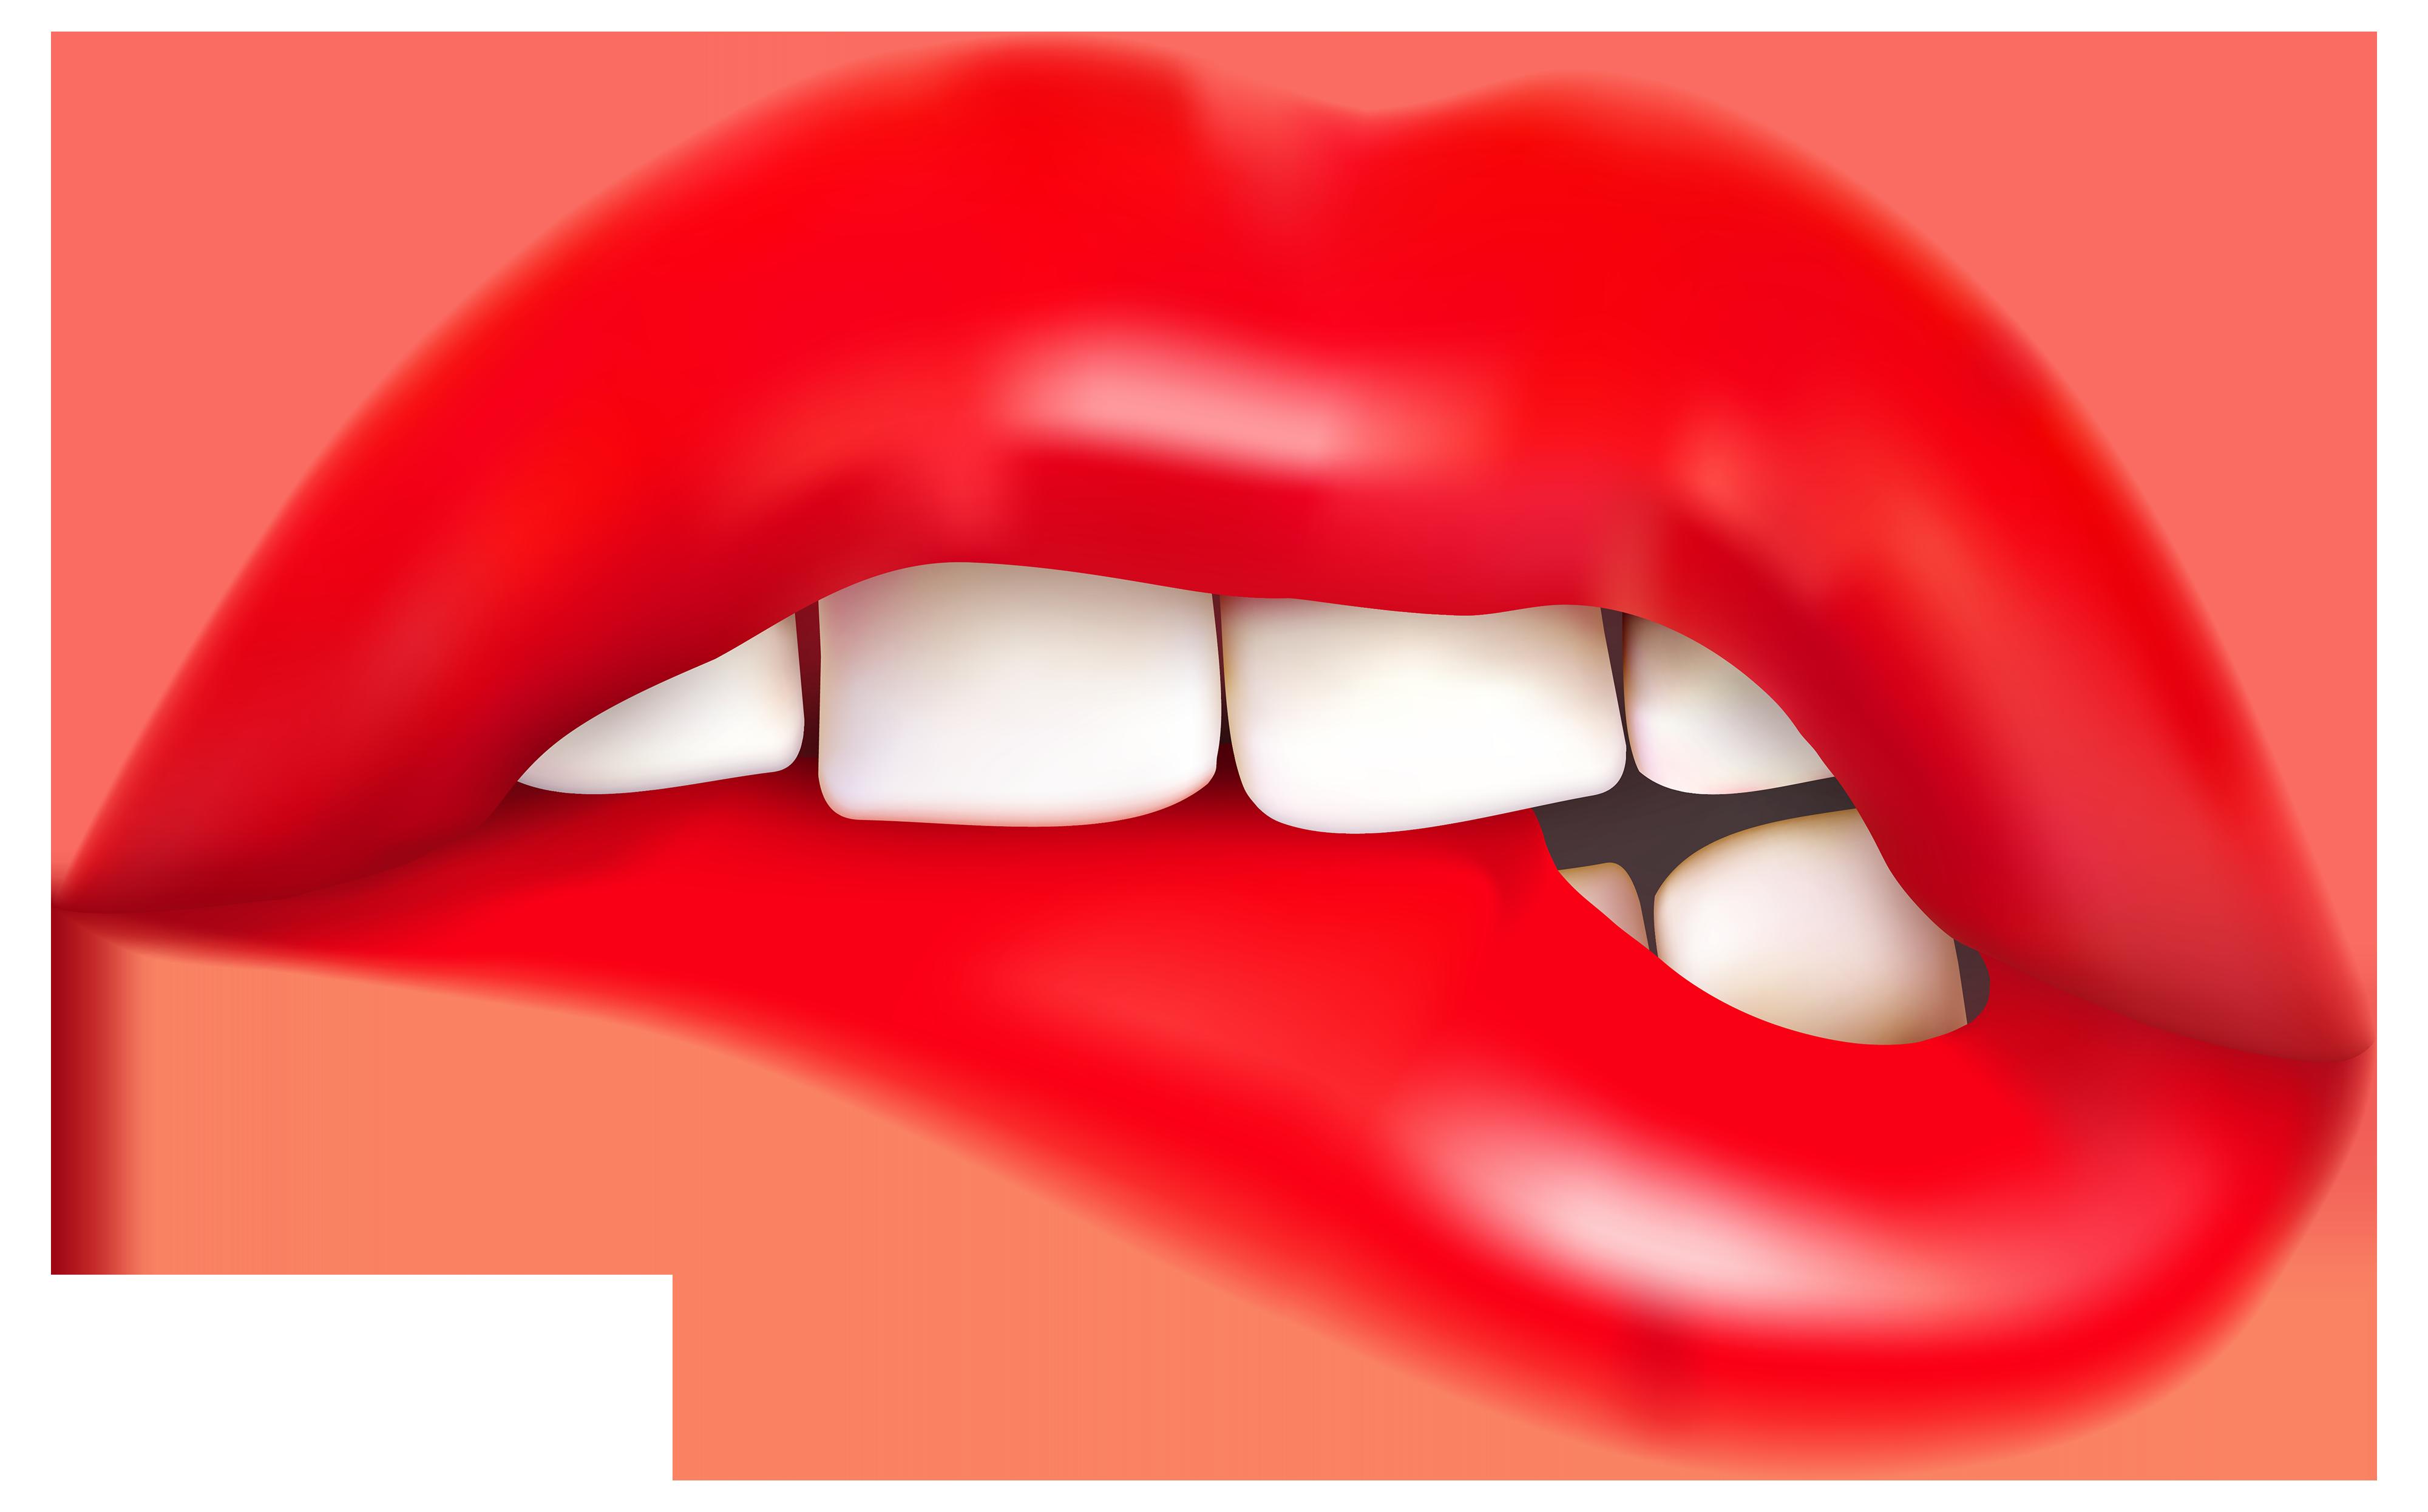 Lip PNG HD - 131527